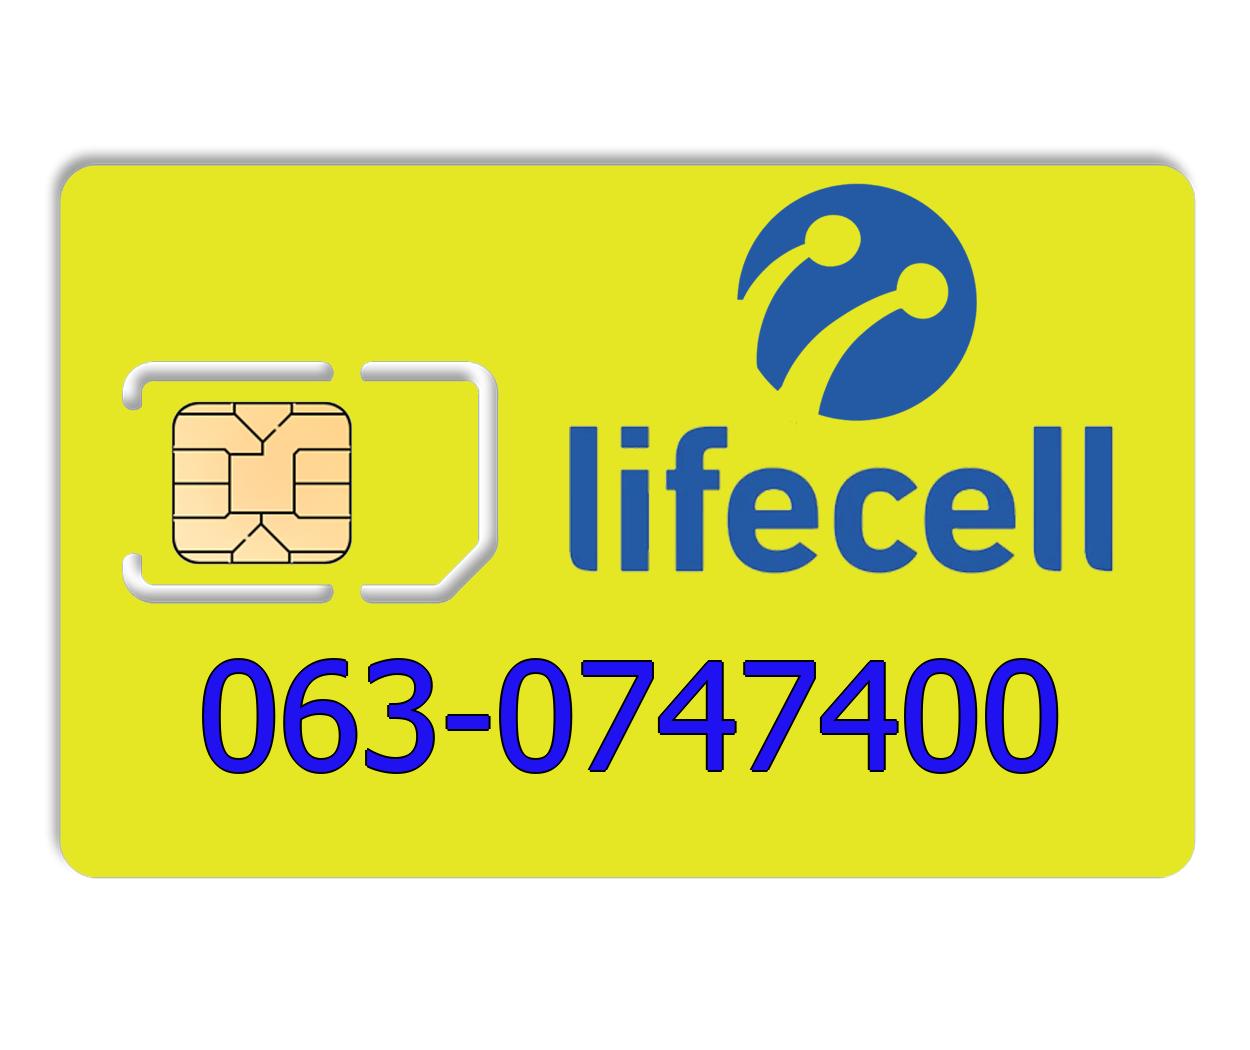 Красивый номер lifecell 063-0747400